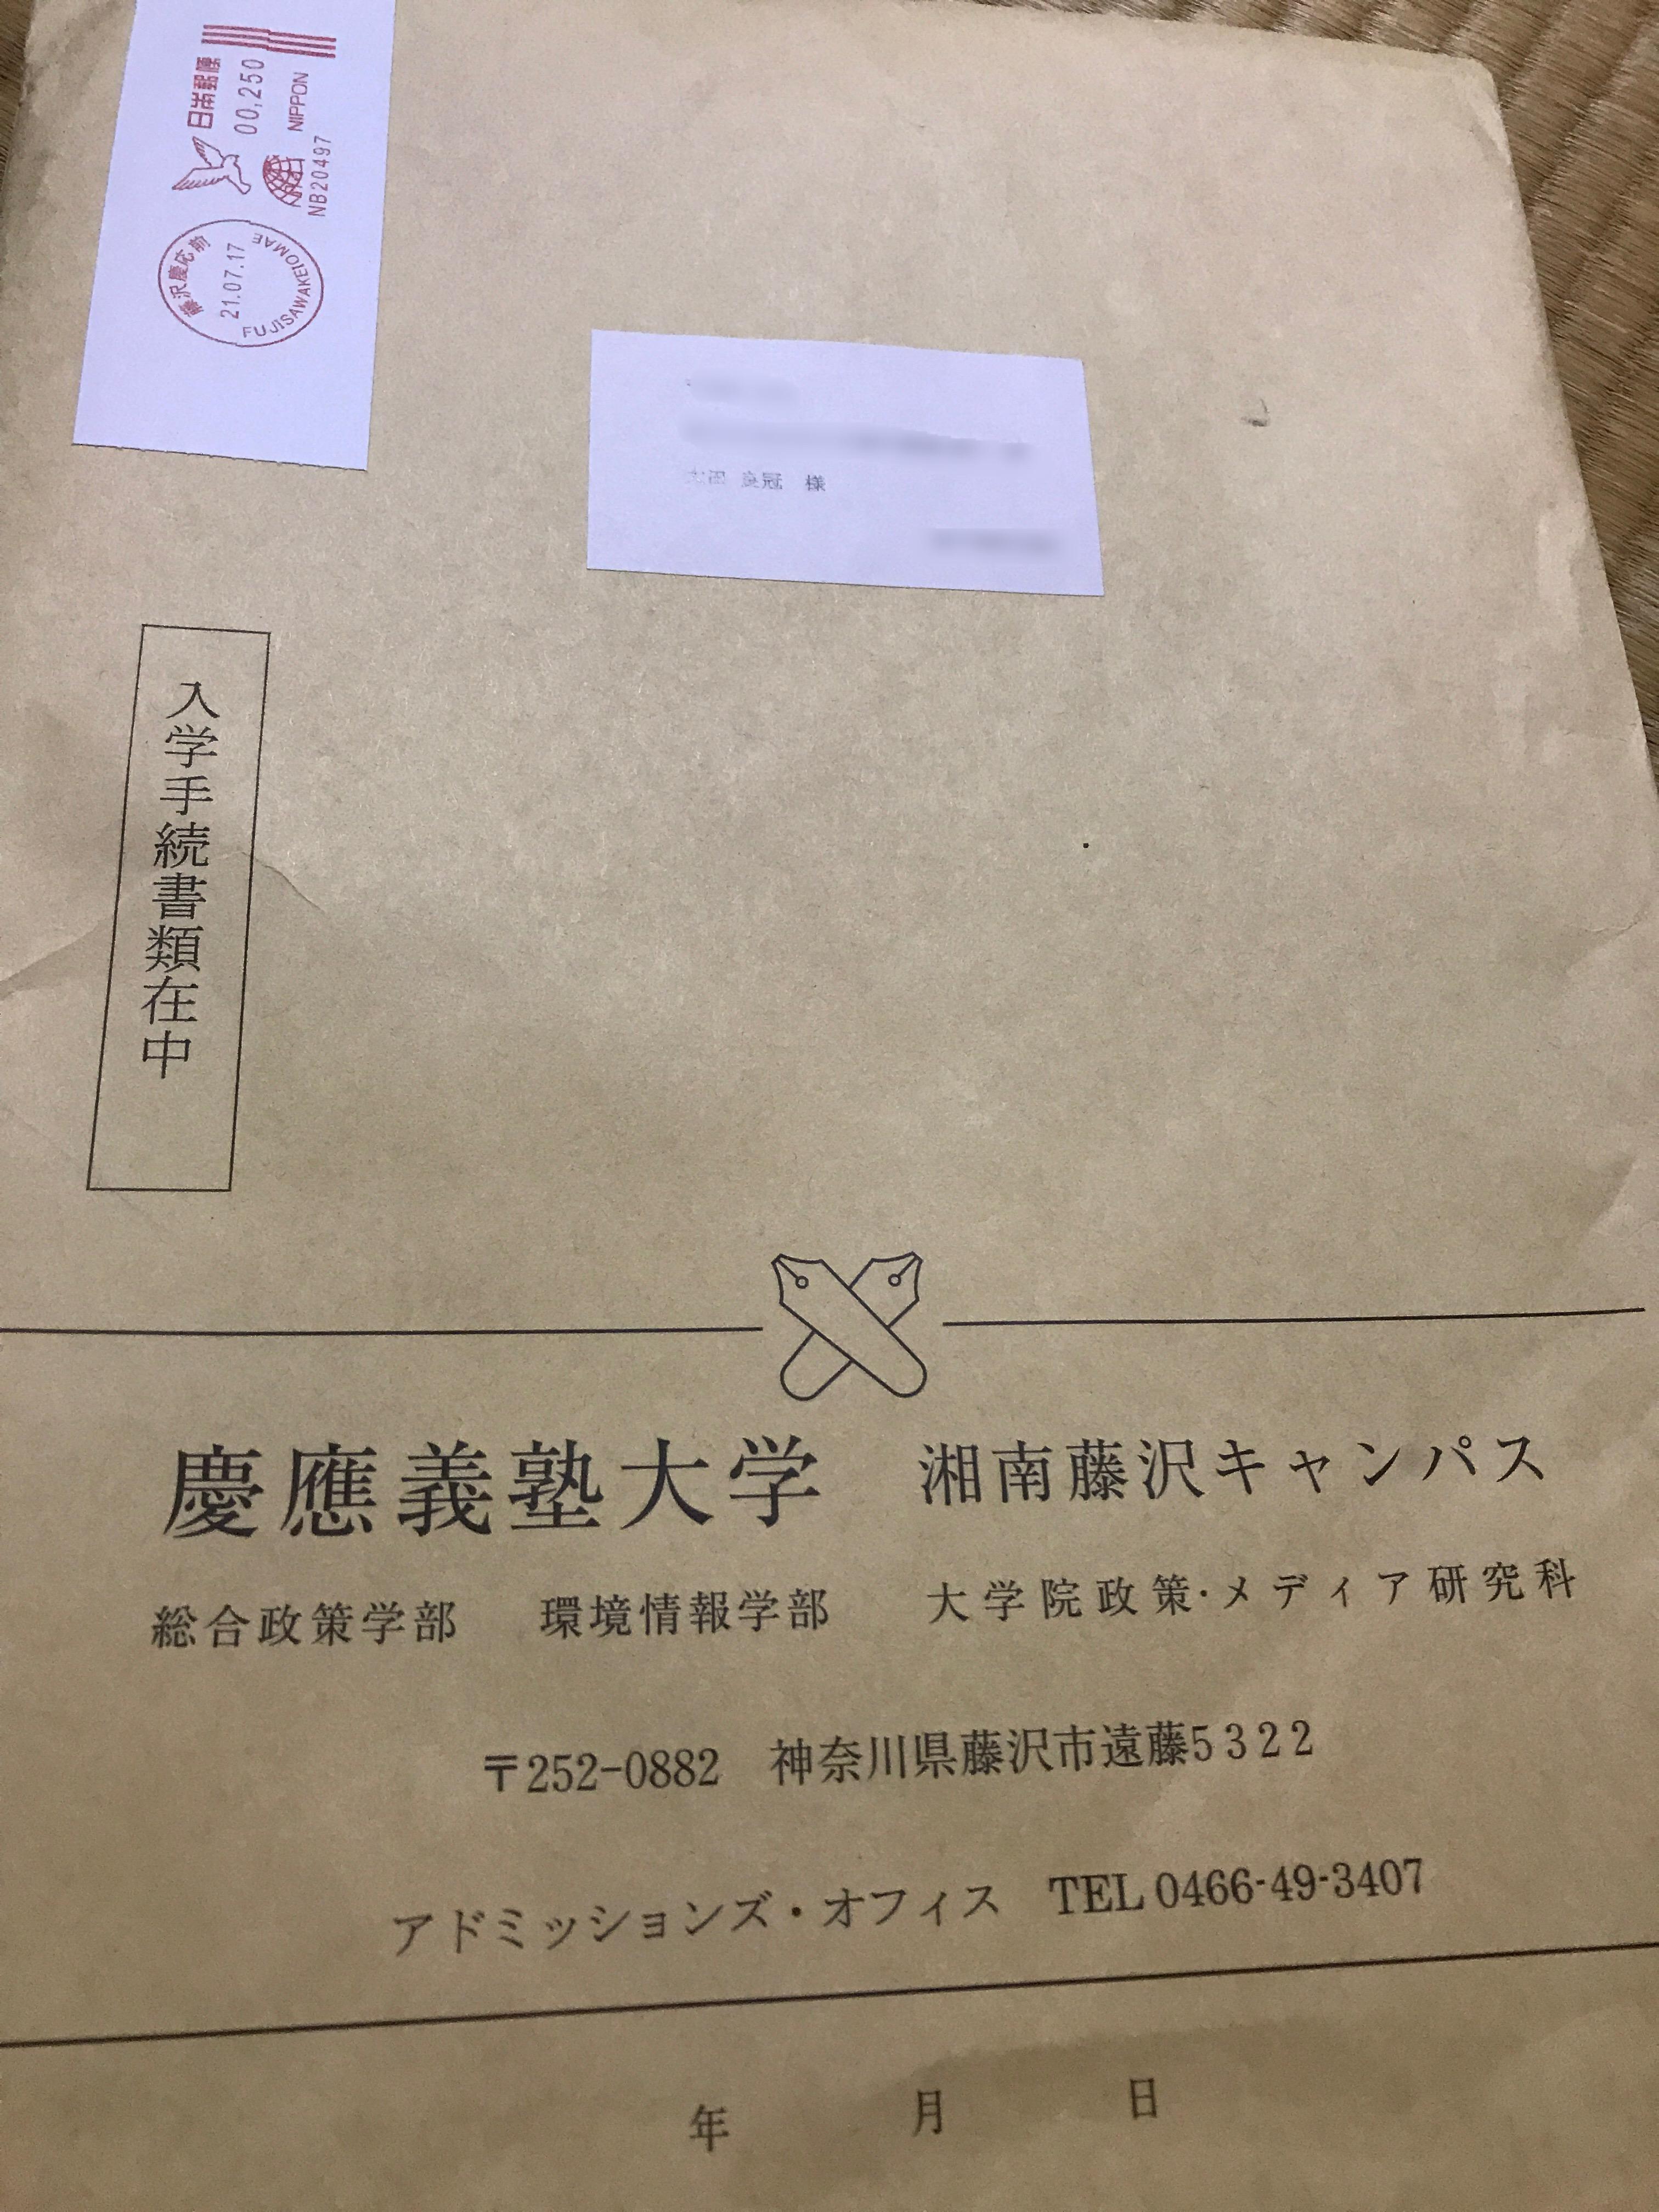 慶應義塾大学大学院へ入学。地域おこし研究員へ